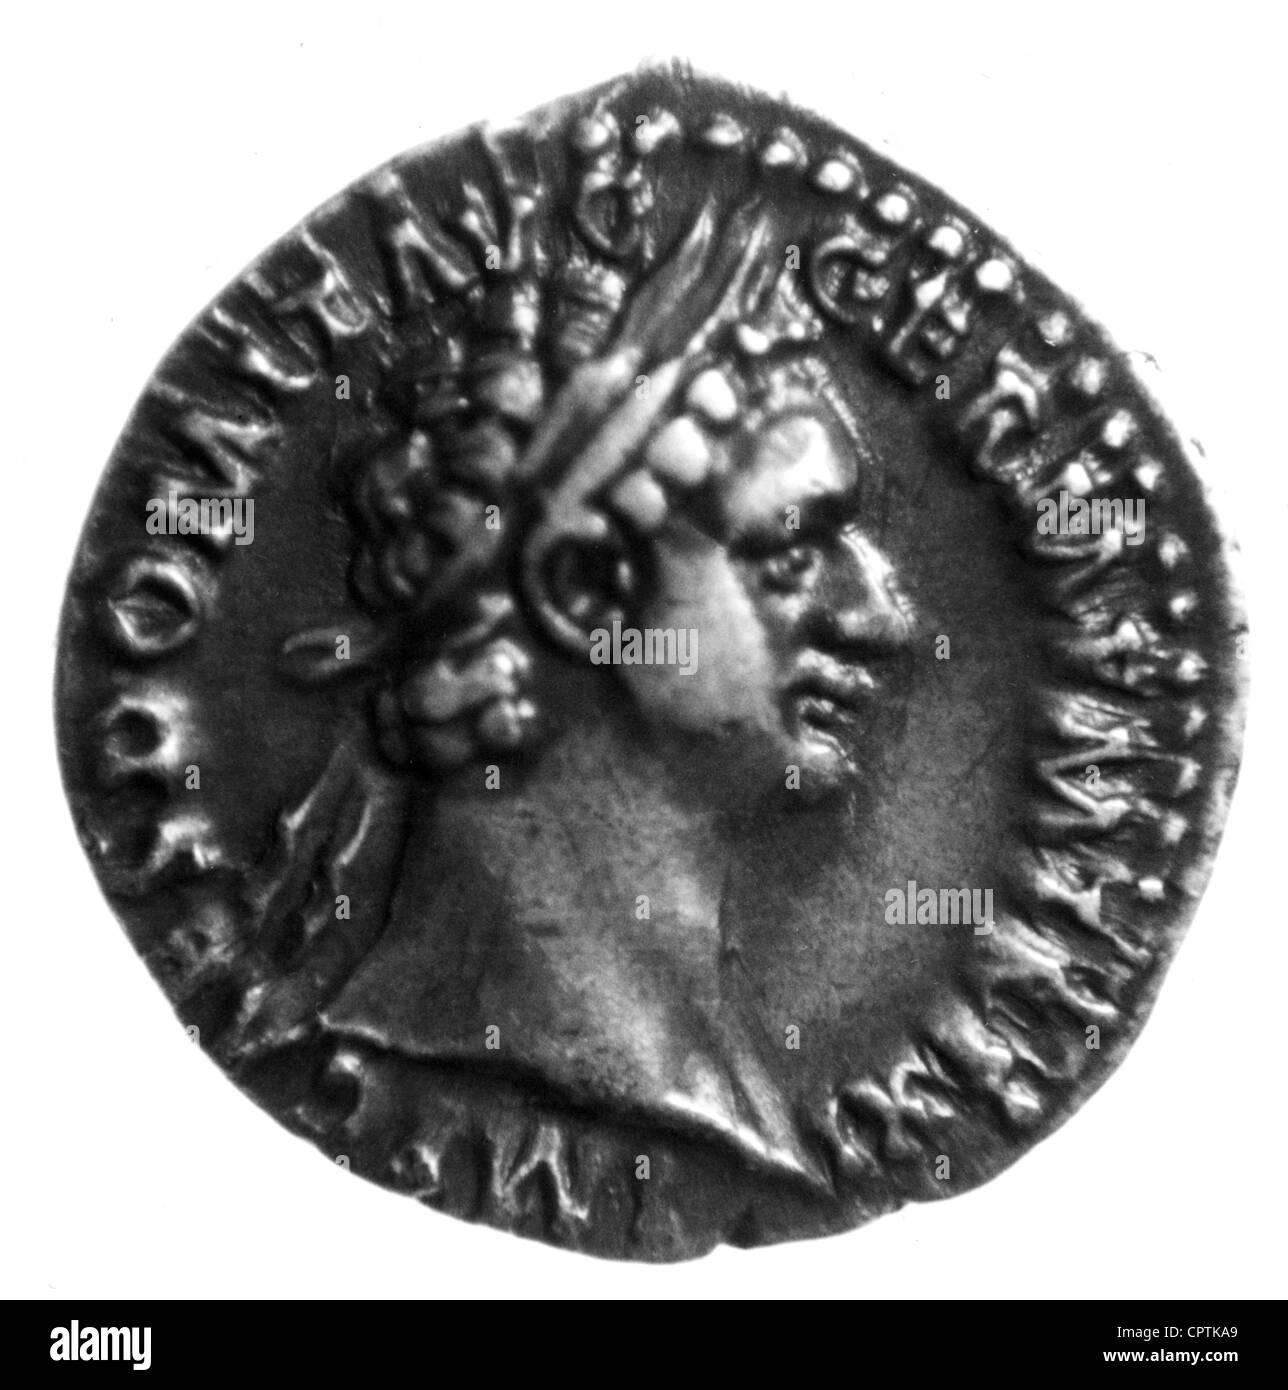 Domitian (Titus Flavius Domitianus), 24.10.51 - 18.9.96, Roman Emperor 14.9.81 - 18.9.96, portrait, coin from the - Stock Image